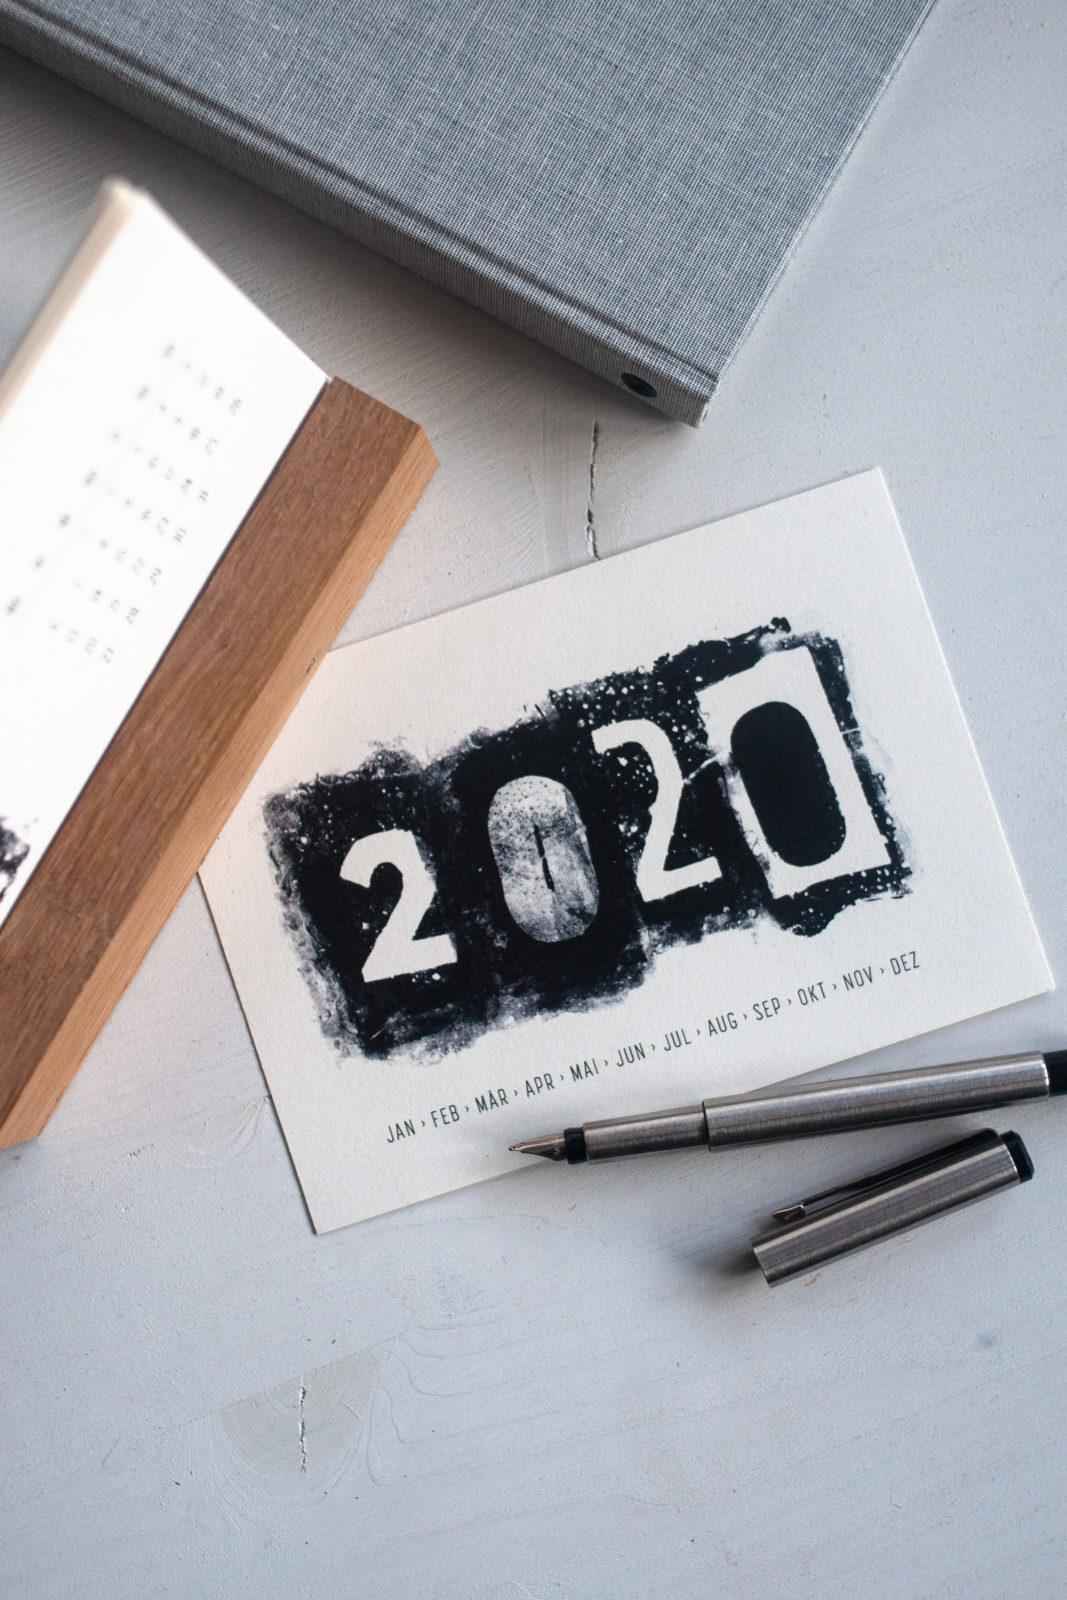 Moderner Tischkalender zum kostenlosen Selbstausdruck für 2020 mit Gelatinedruck gestaltet